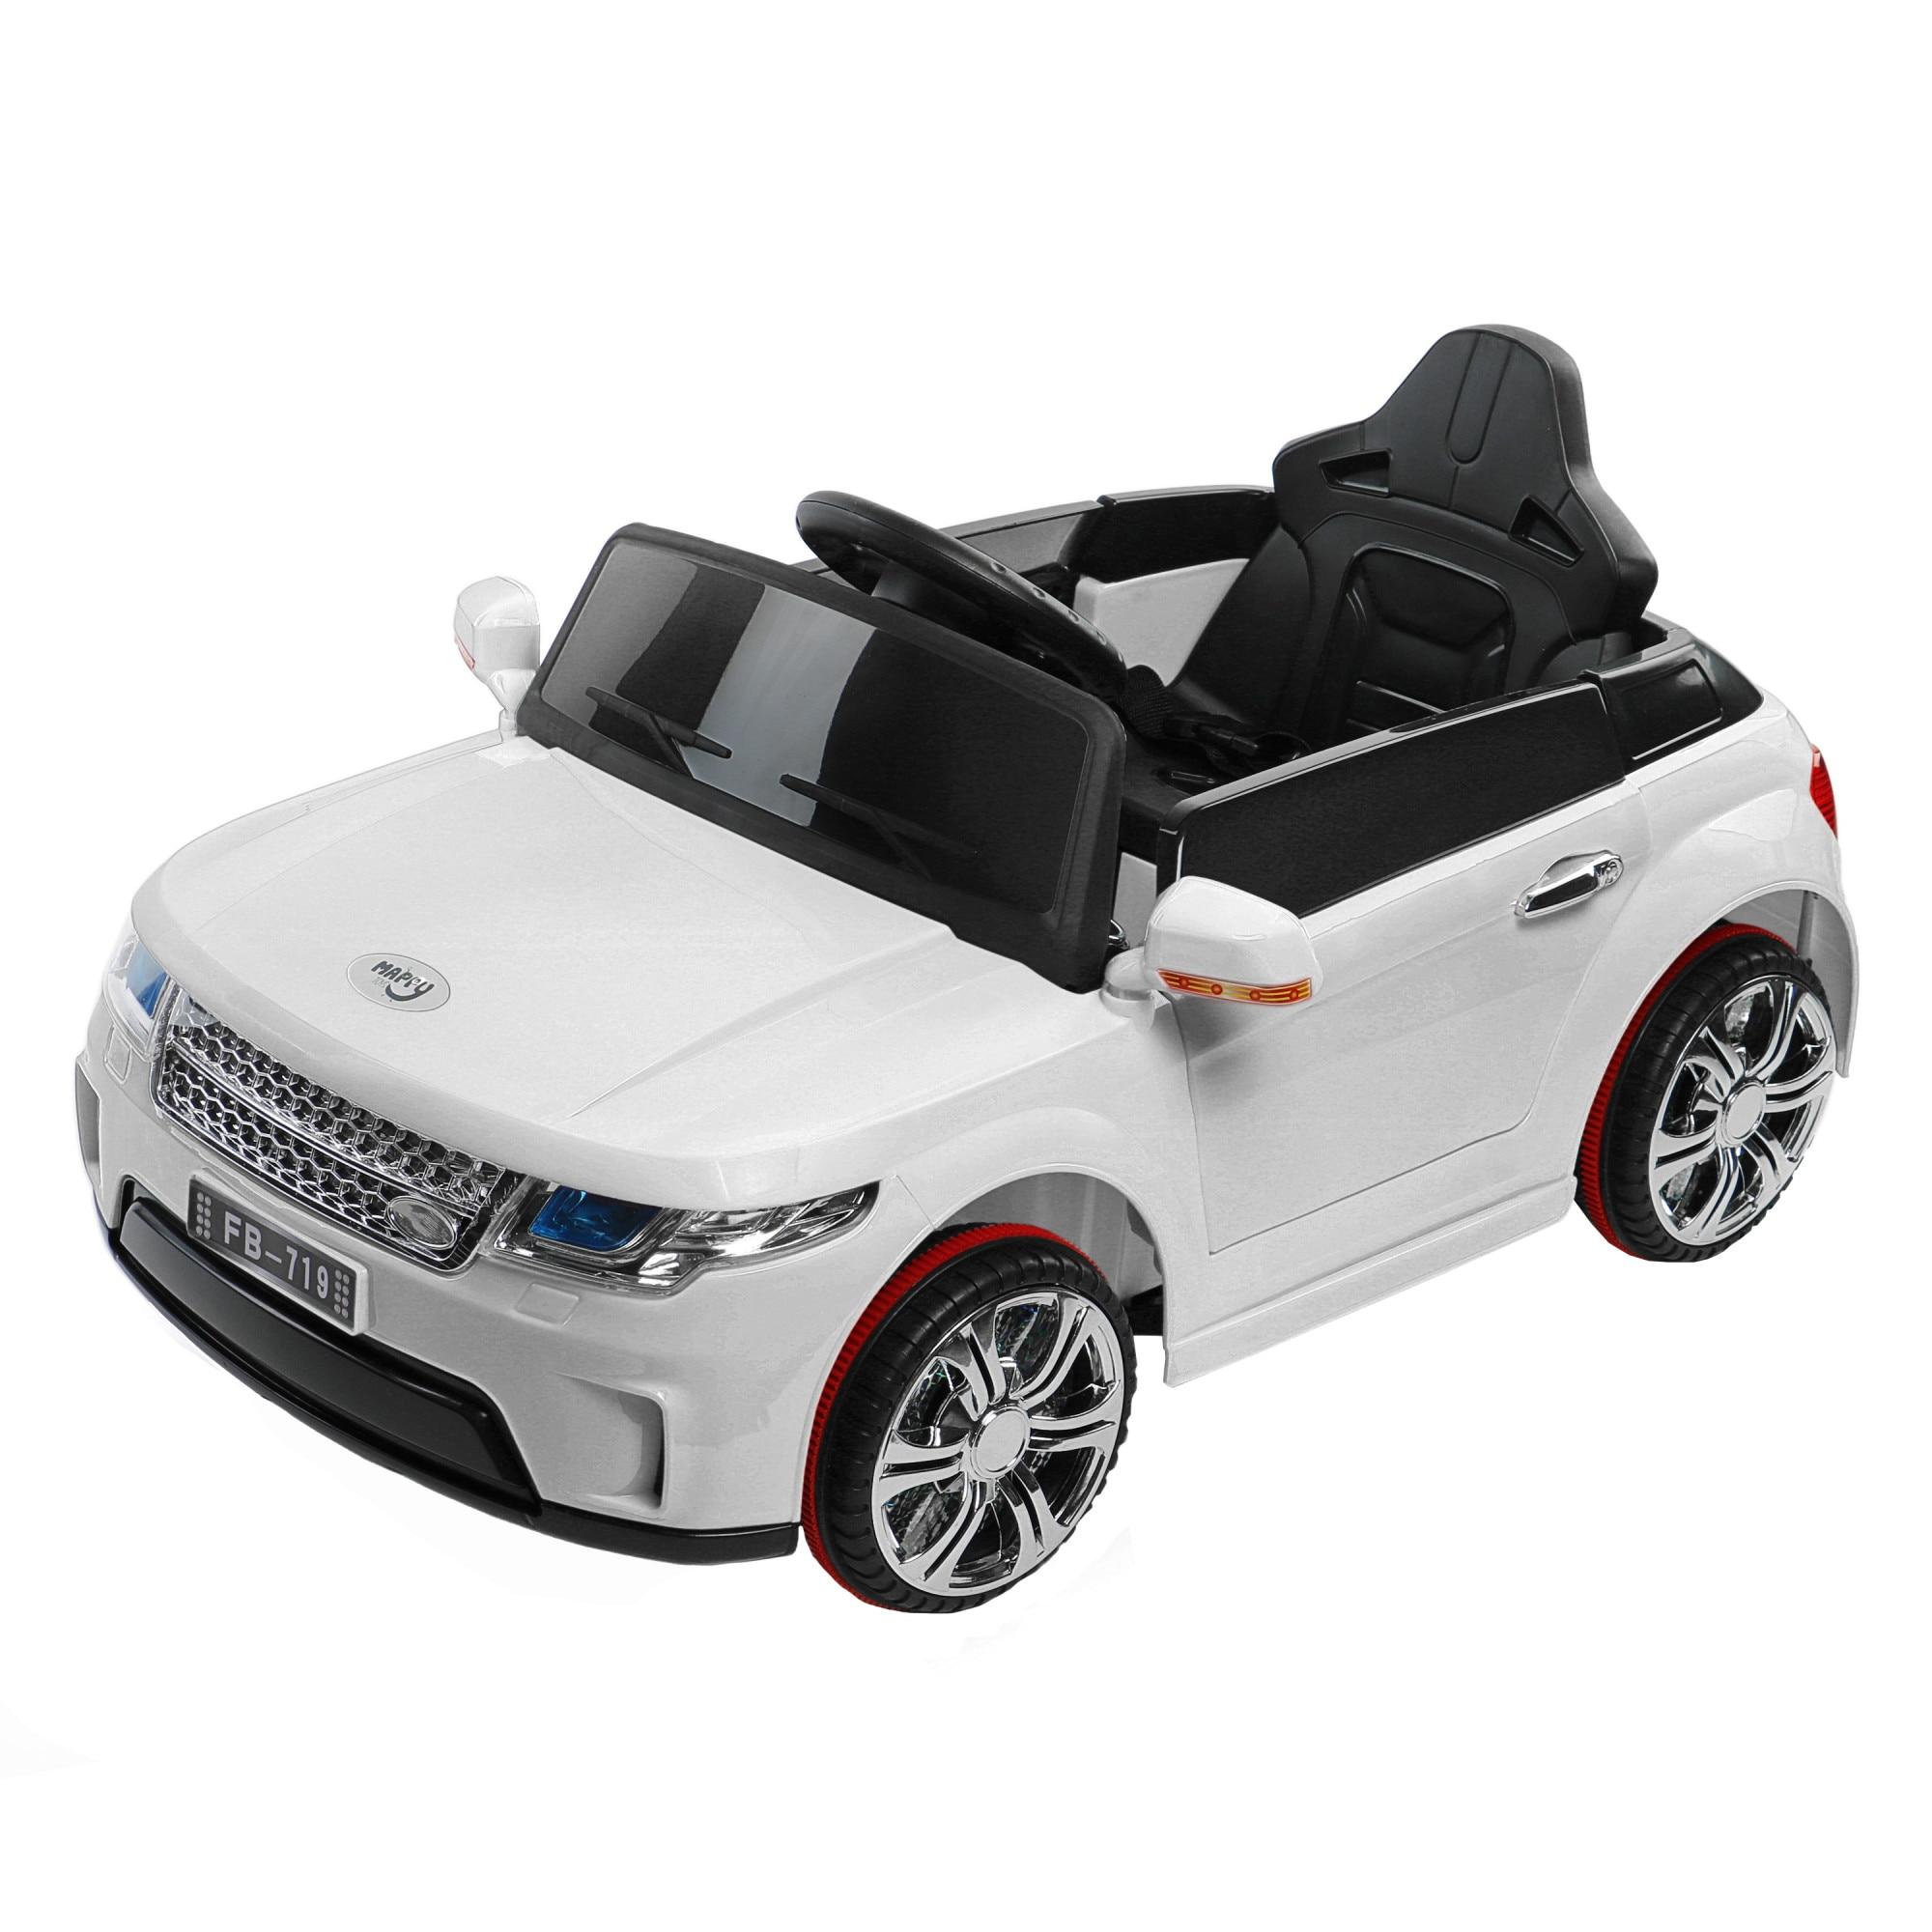 Mappy Nitro Elektromos Auto Gyerekeknek Taviranyitoval Feher Emag Hu